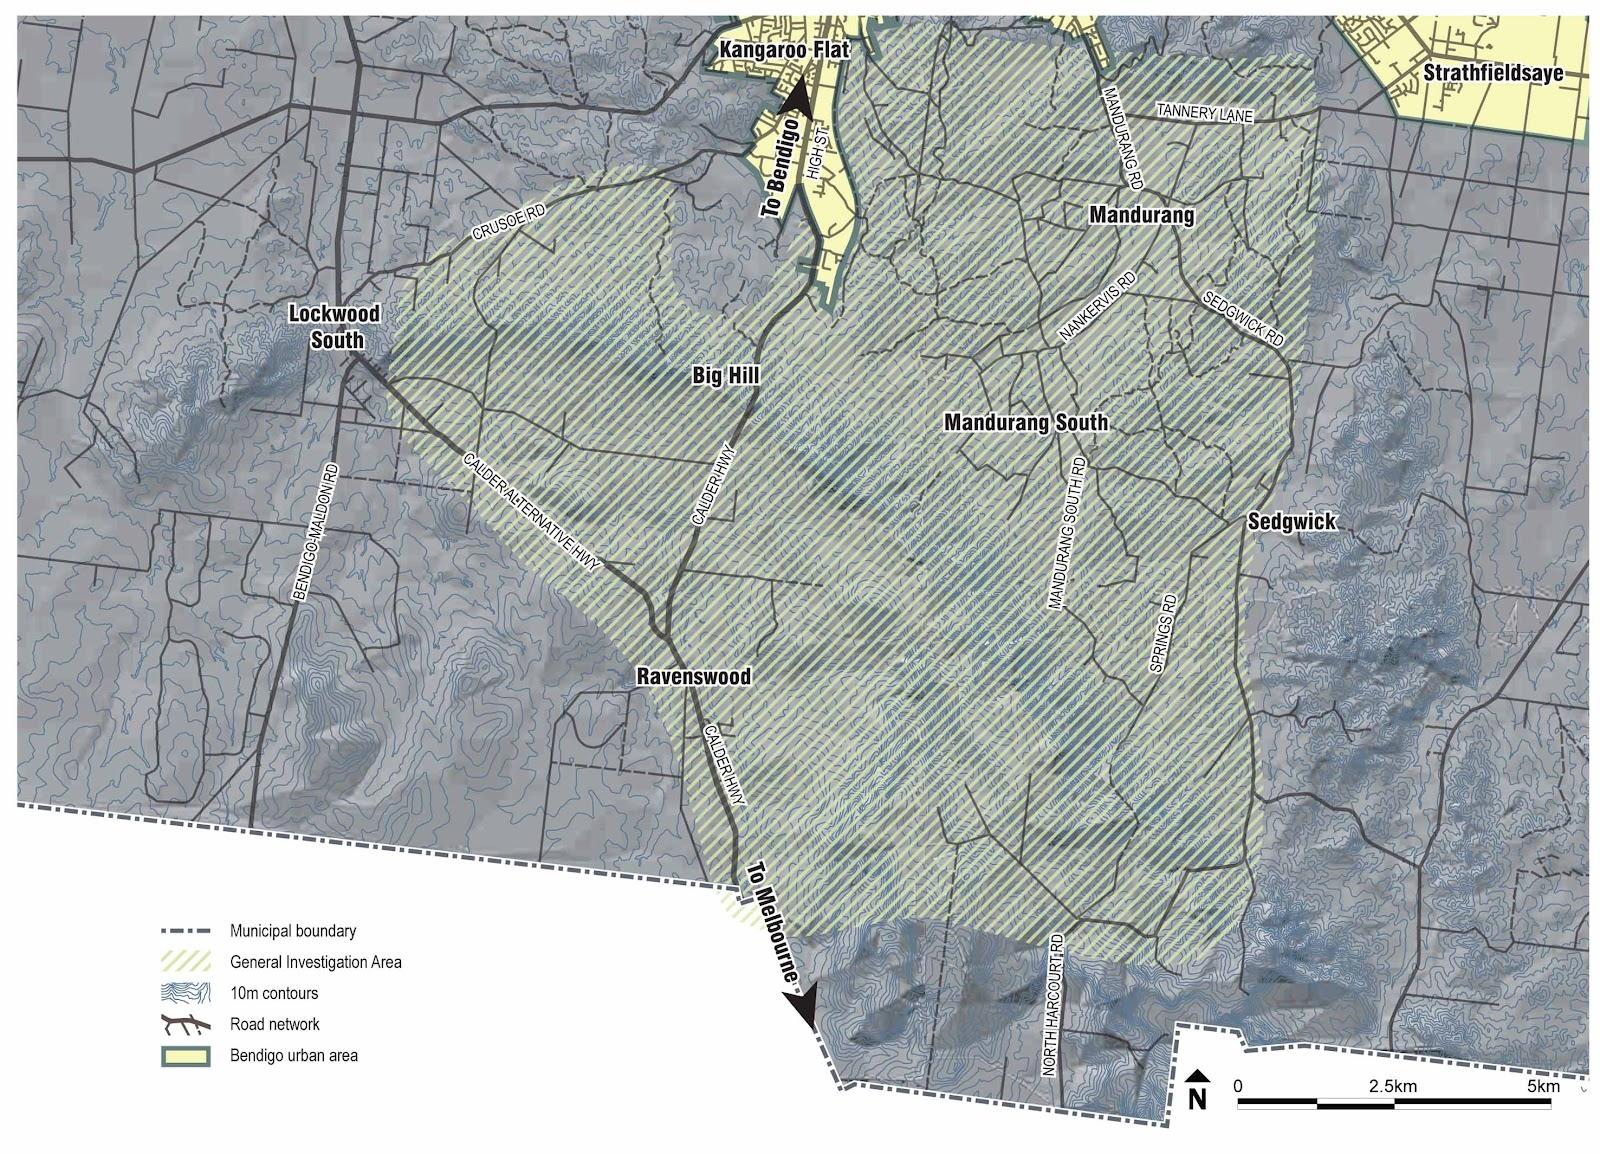 Greater Bendigo Big Hill Mandurang Landscape Assessment